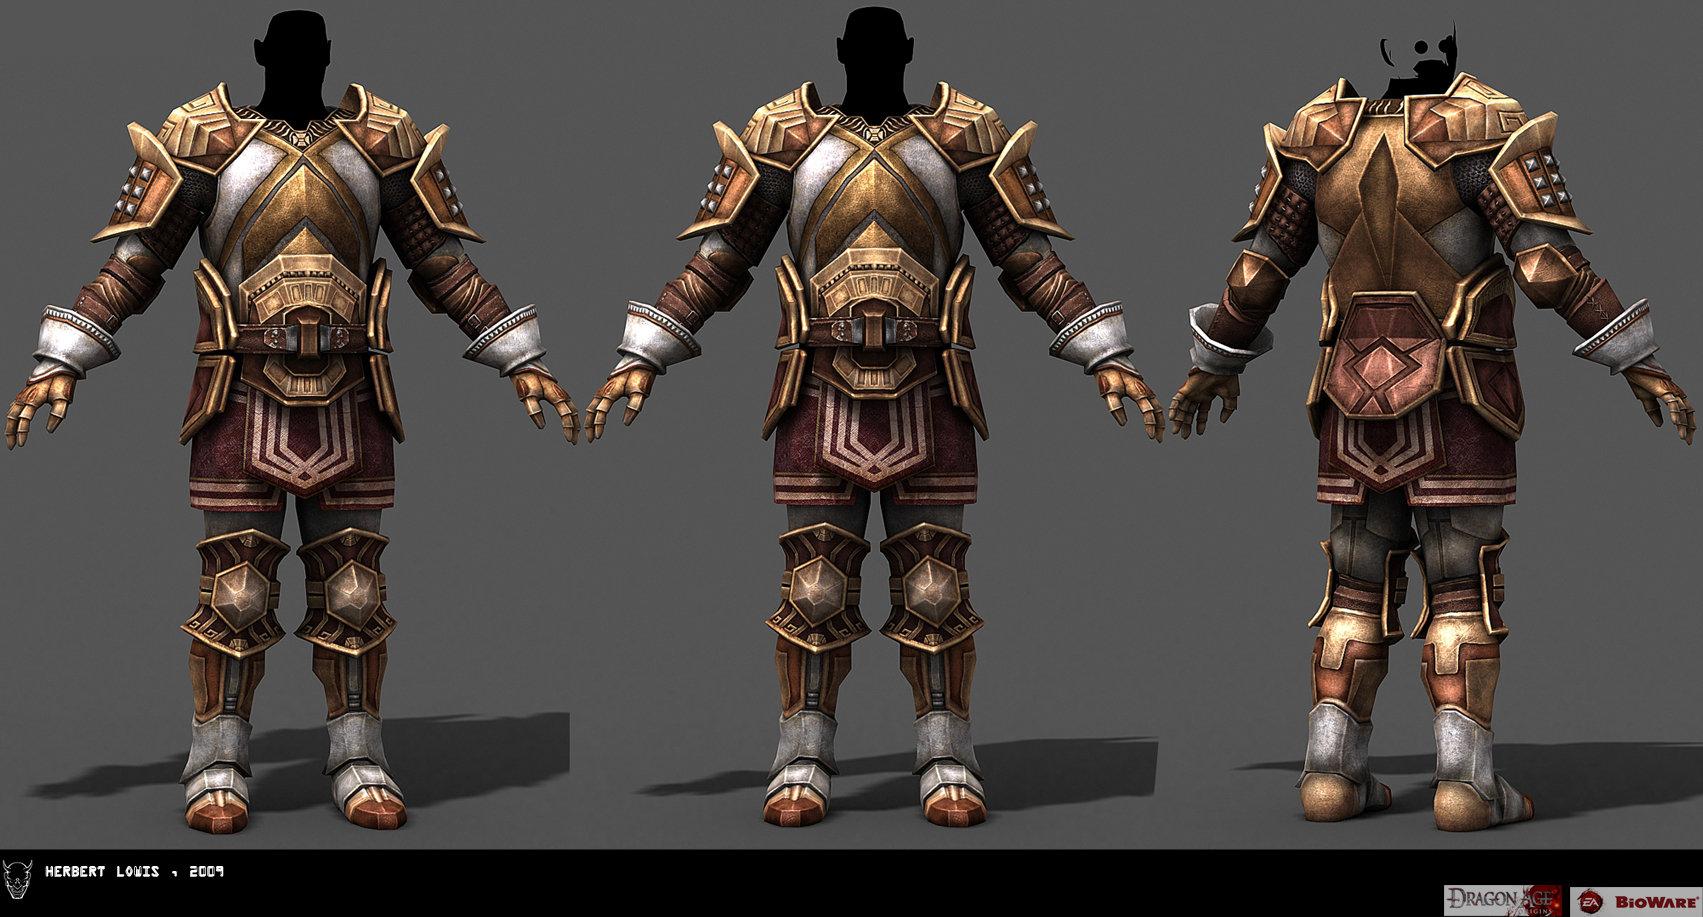 100 Photos of Dragon Age Armor